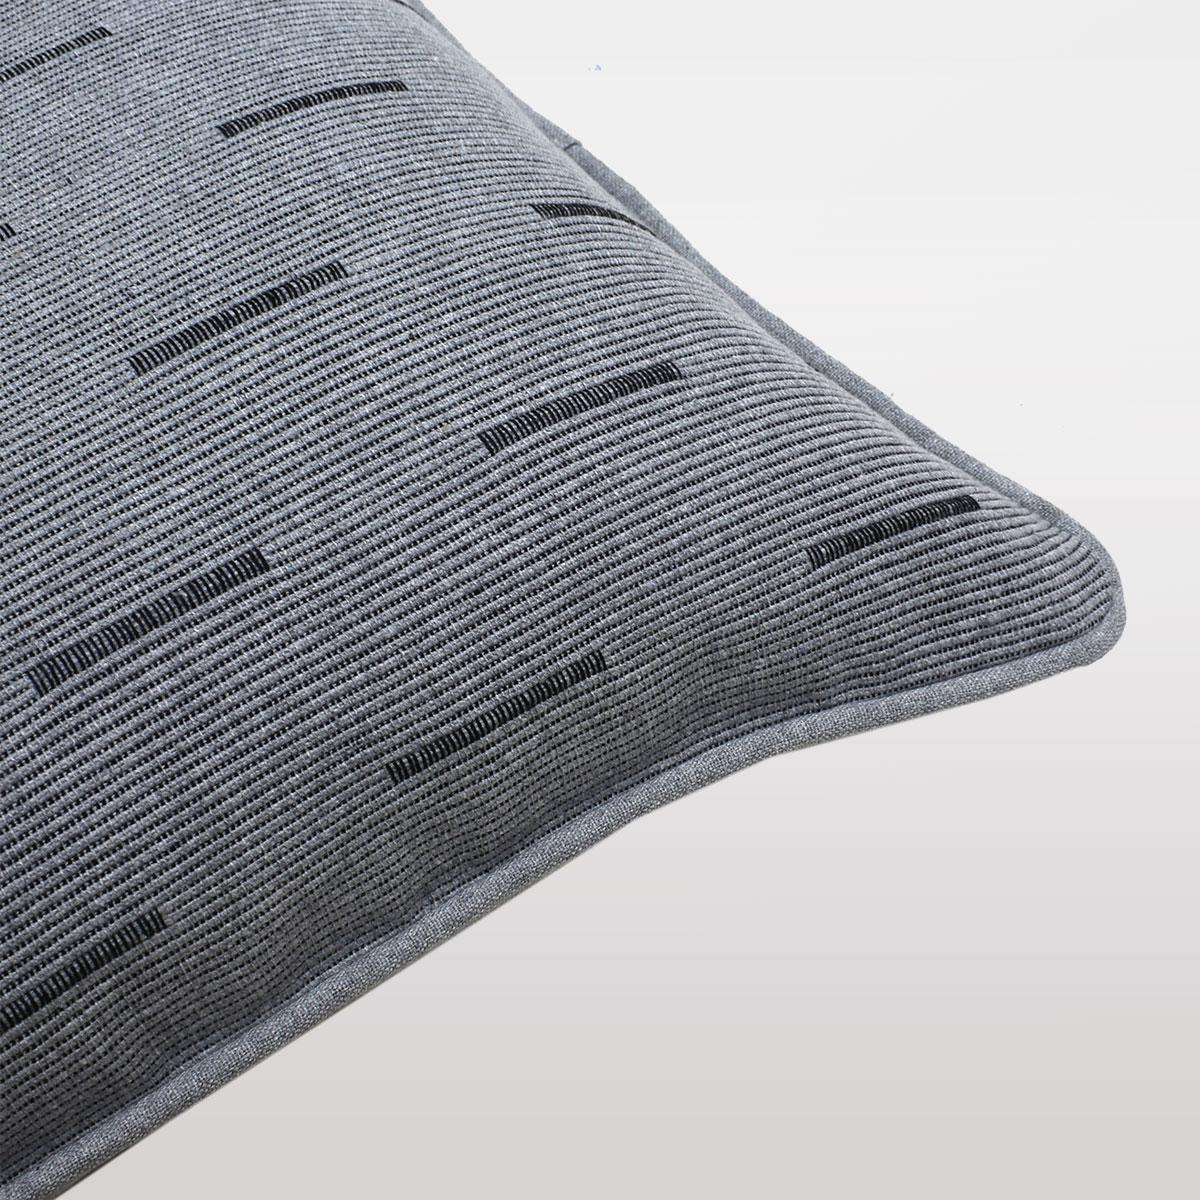 Jastučnica Tic Tac